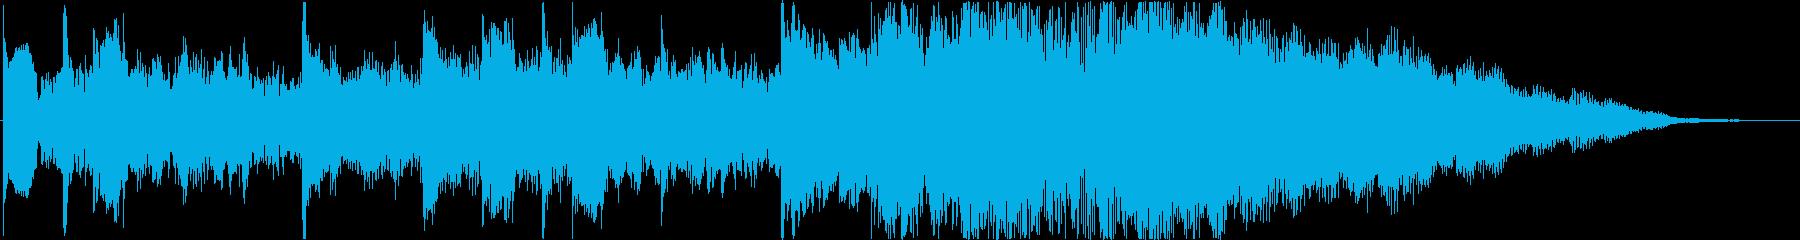 【ジングル】ニュース、ドキュメンタリー風の再生済みの波形